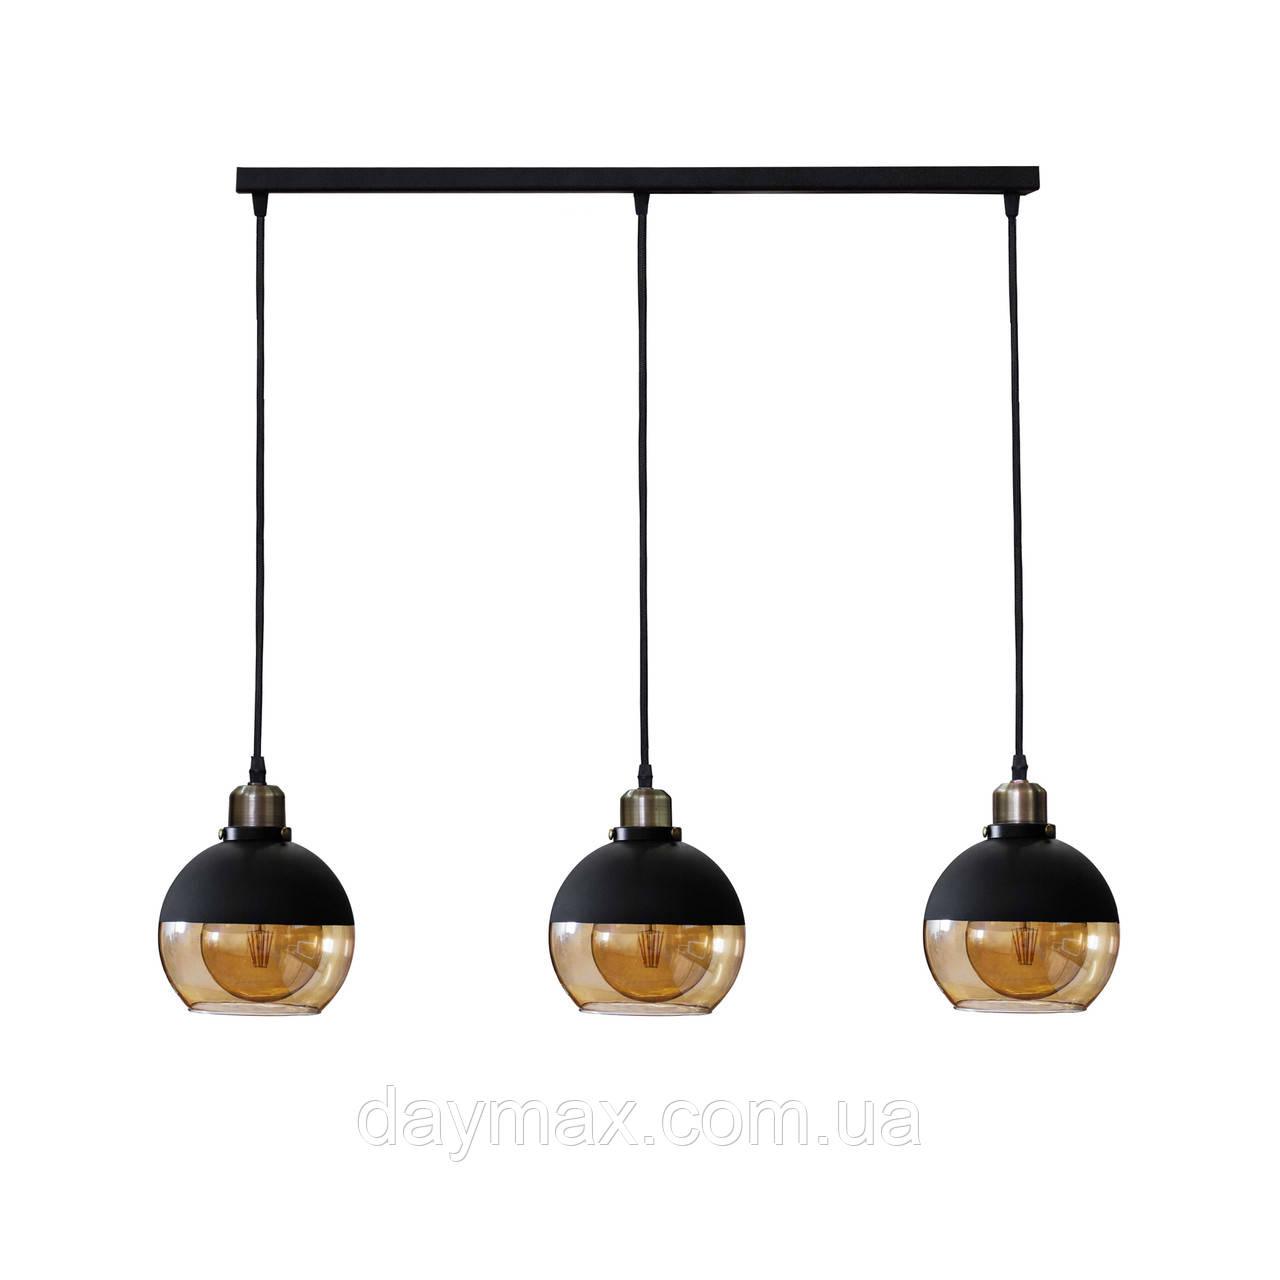 Світильник підвісний на три лампи в стилі лофт LS 5152-3 Скляну кулю